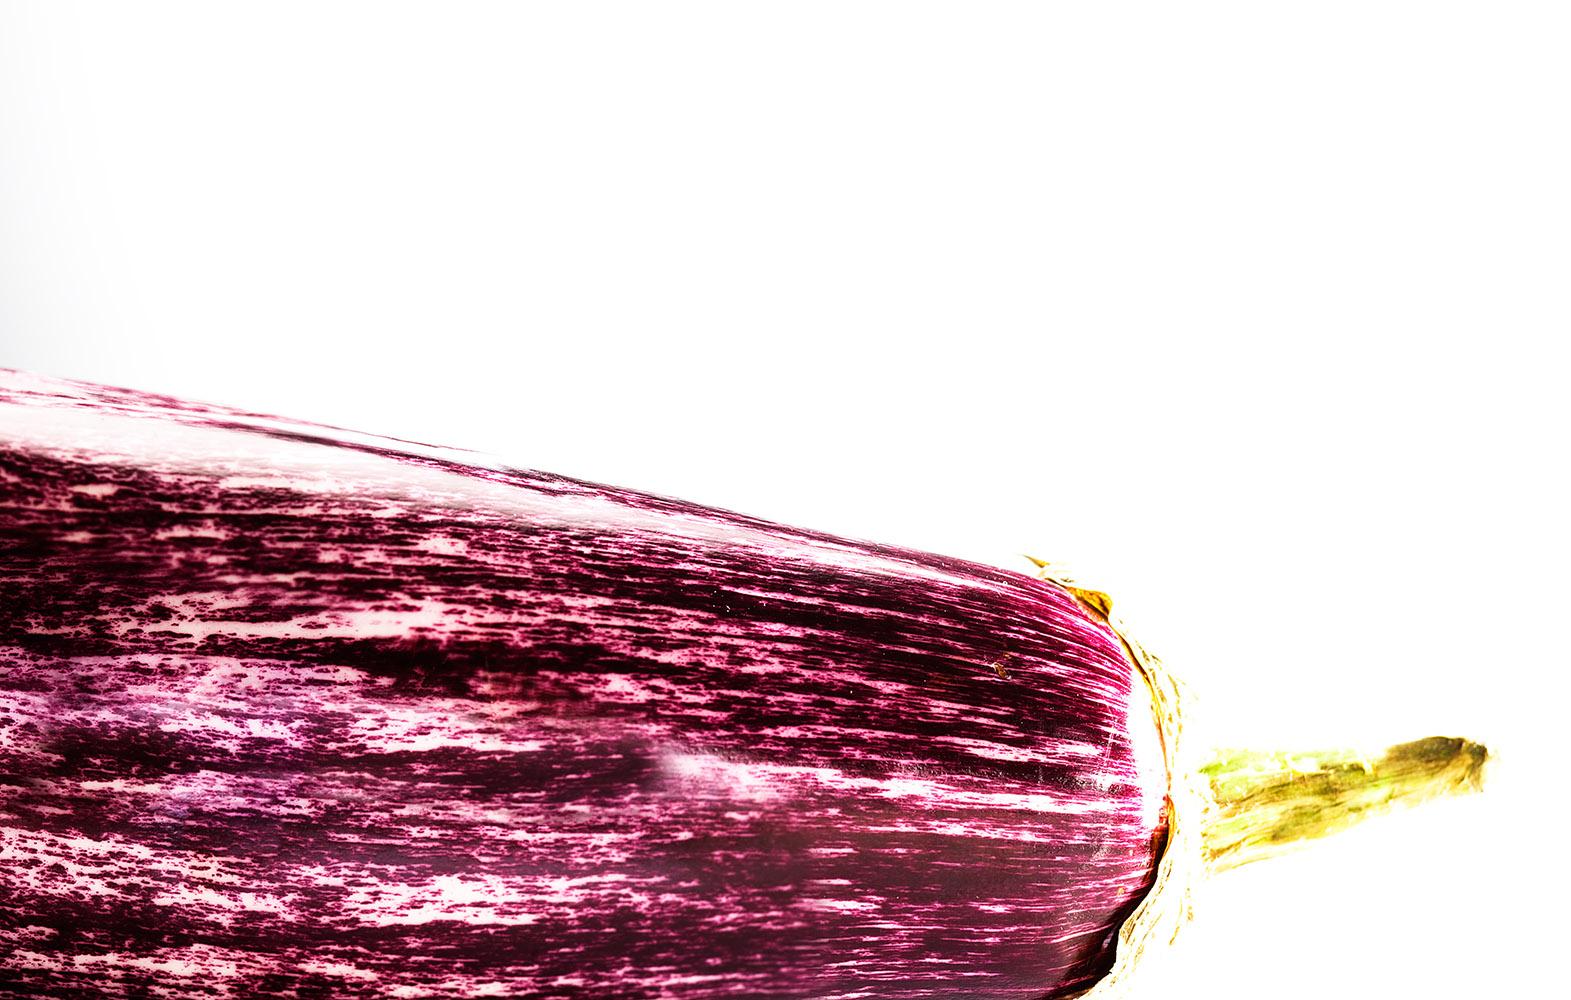 Studiofood_eggplant_017